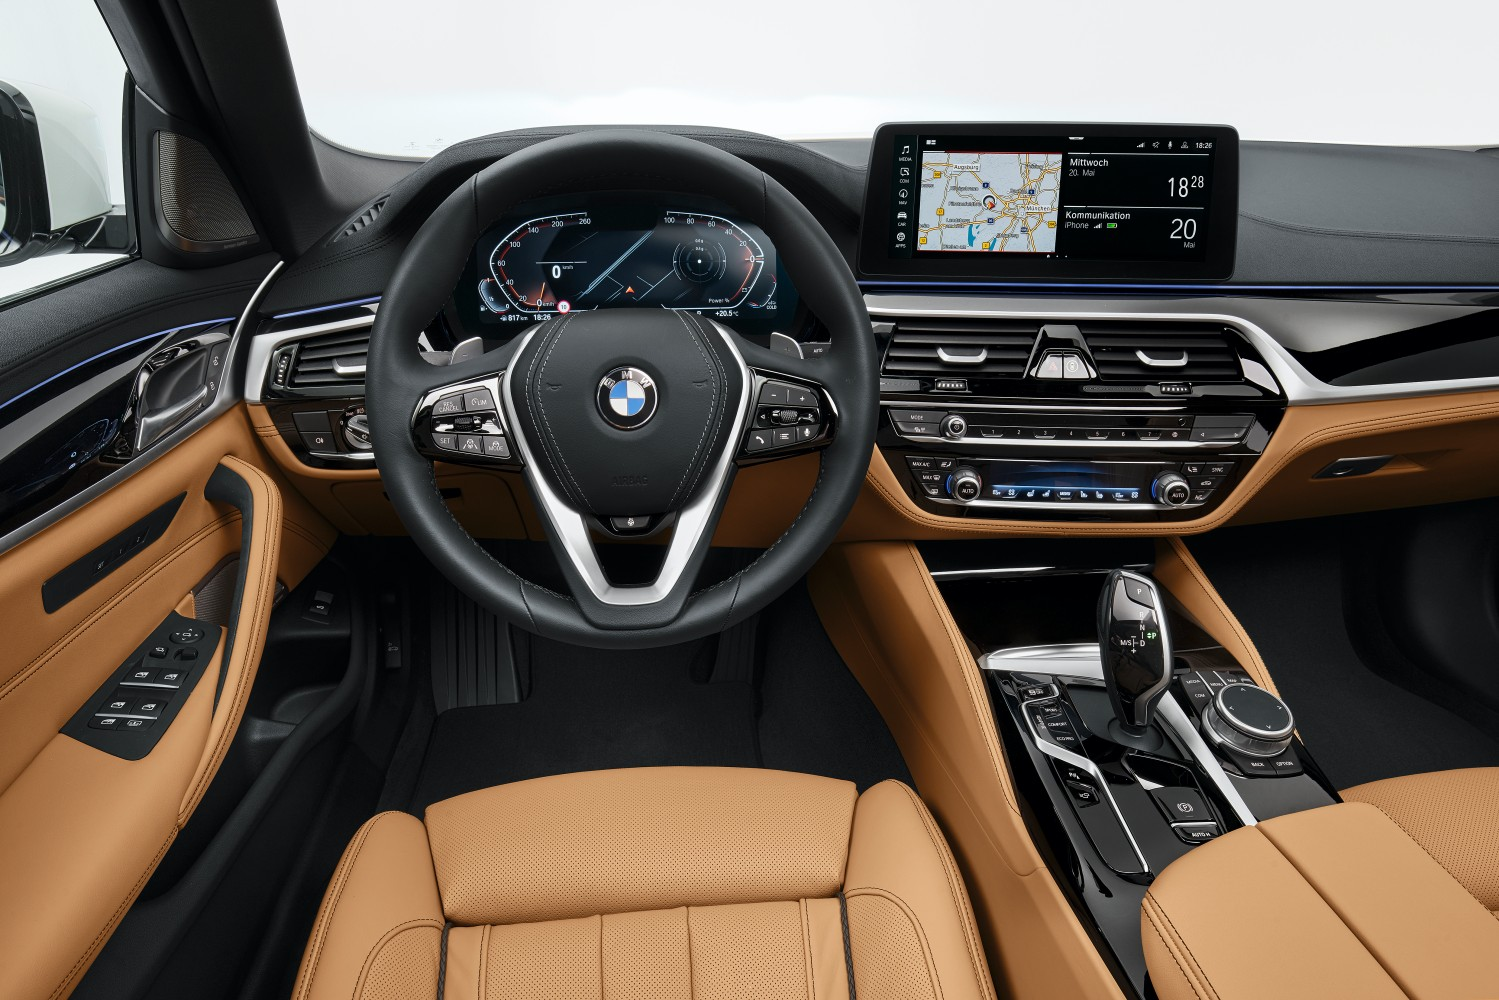 BMW odświeża serię 5 i wreszcie wprowadza Android Auto 18